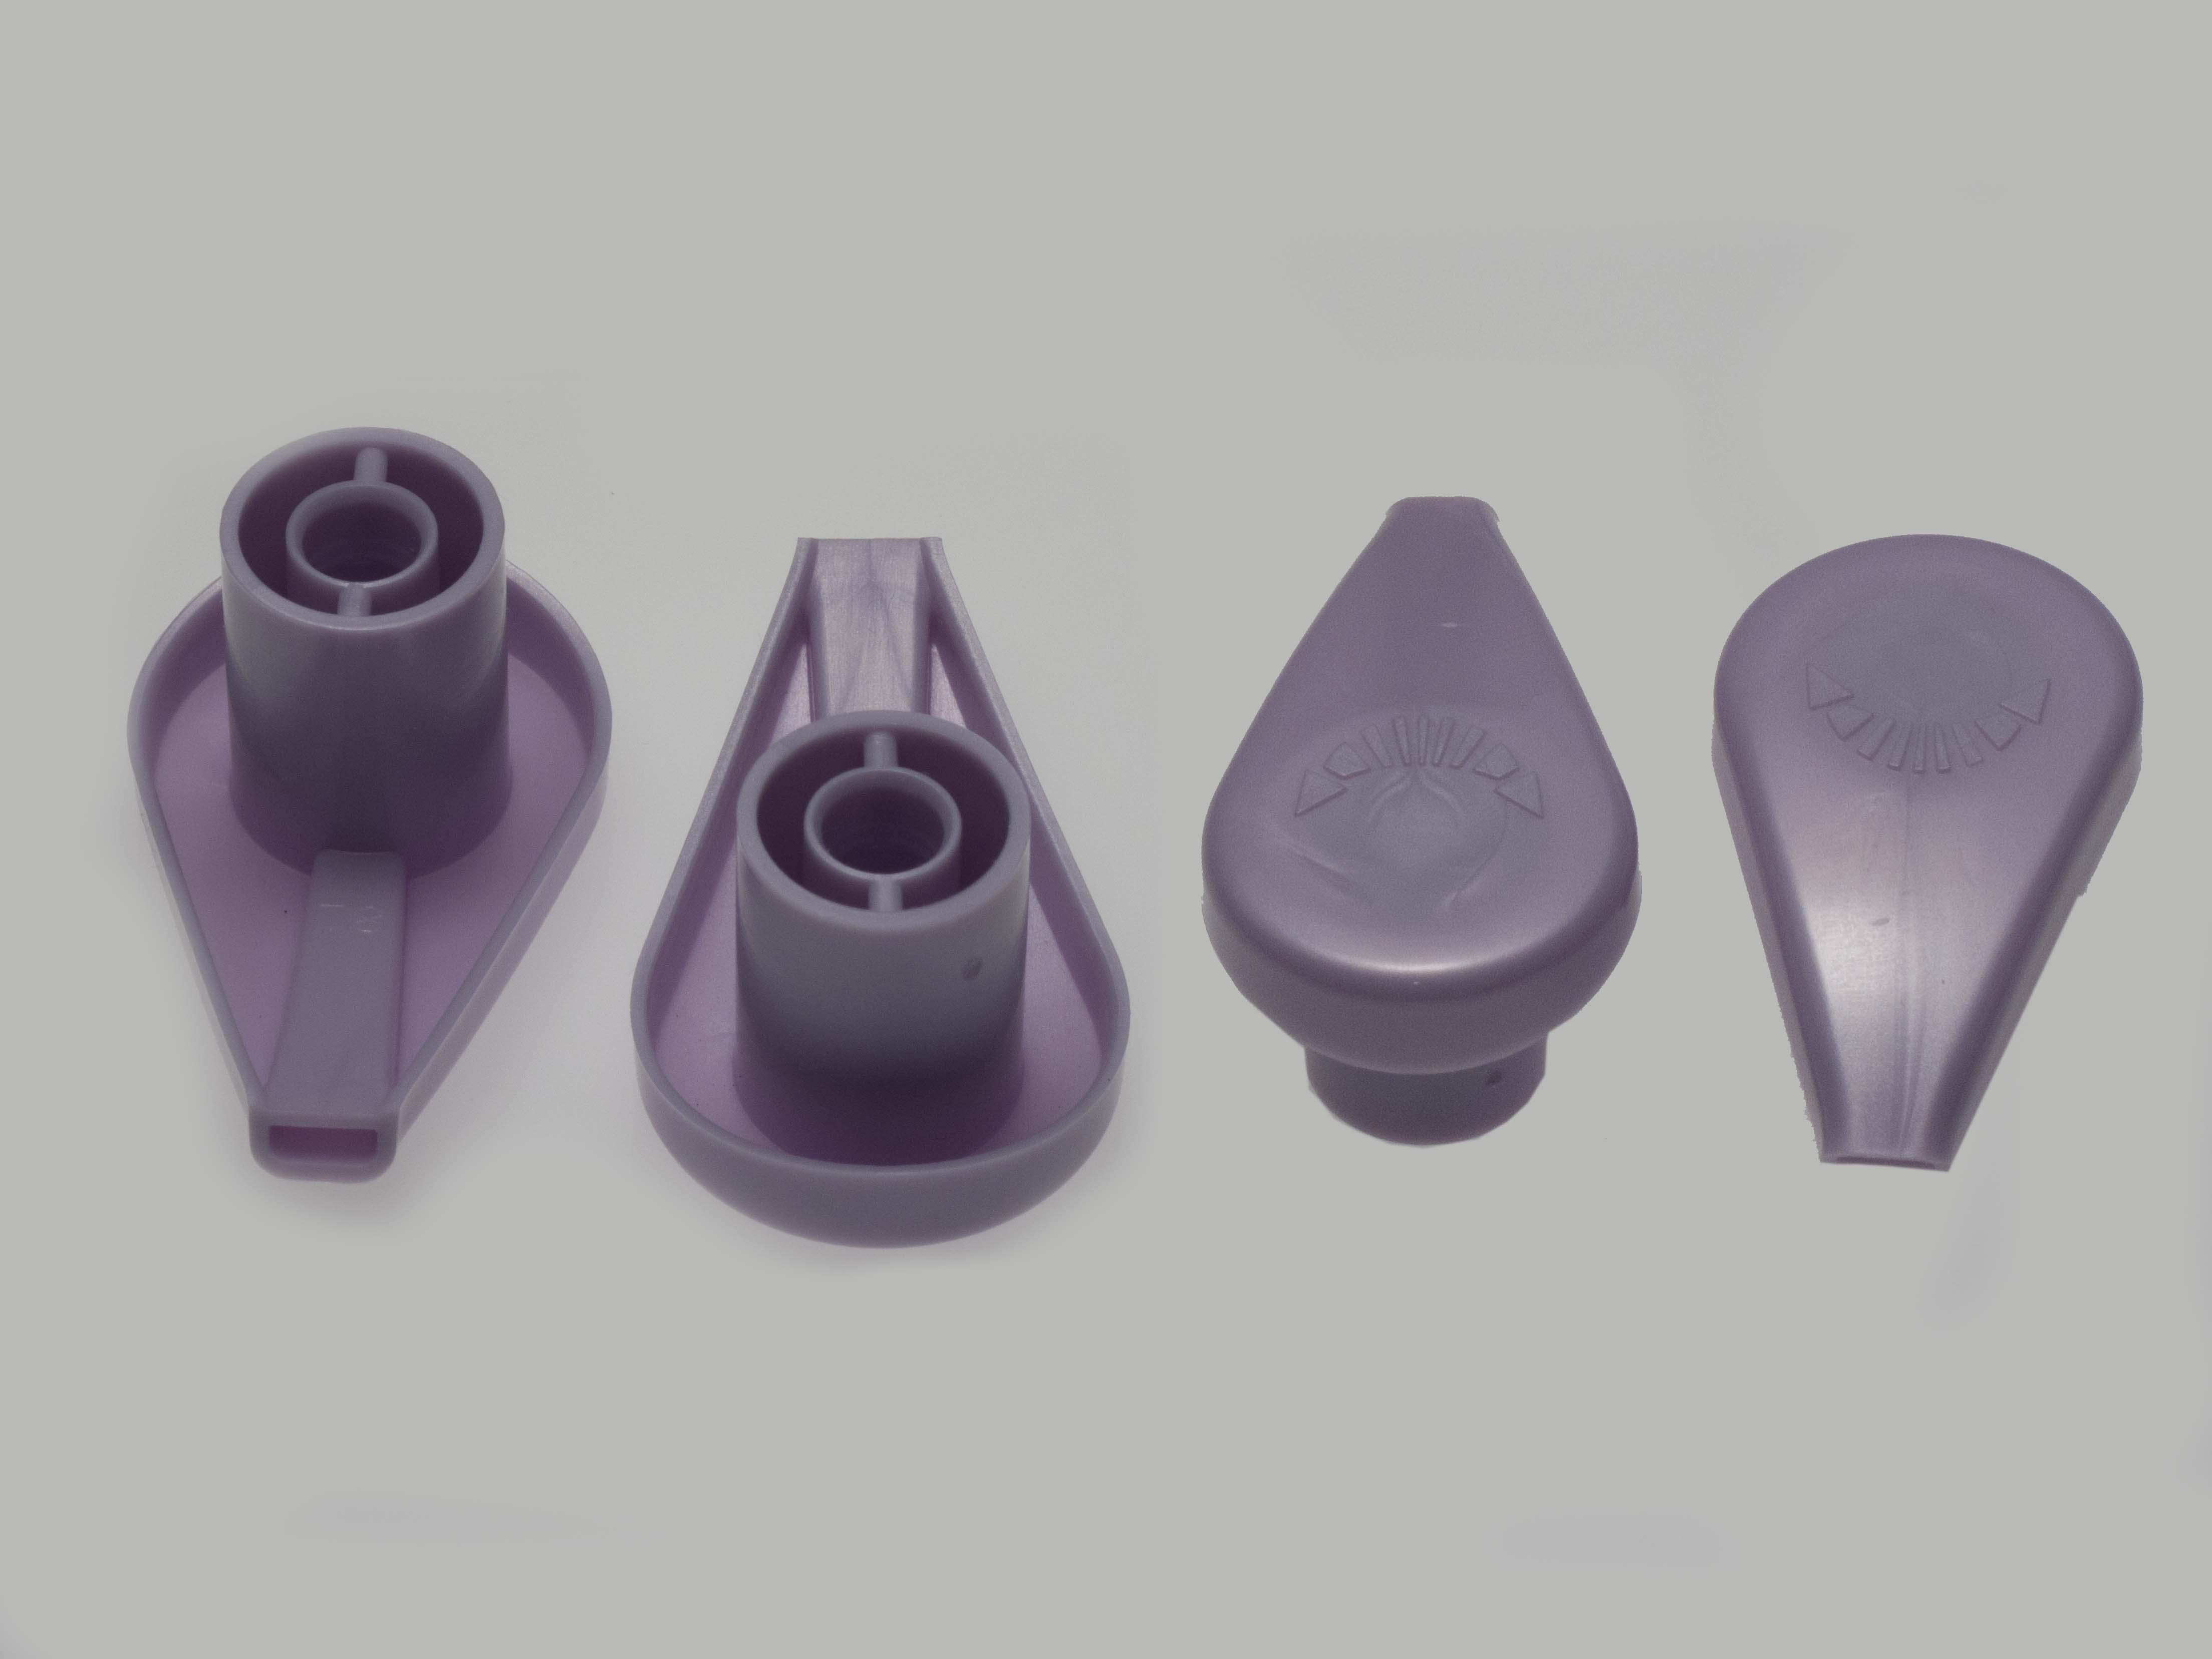 PRODUZIONE ARTICOLI PLASTICA COSMETICA STAMPAGGIO MATERIE PLASTICHE INJECTION MOLDING PRODUCT ABRUZZO ITALY